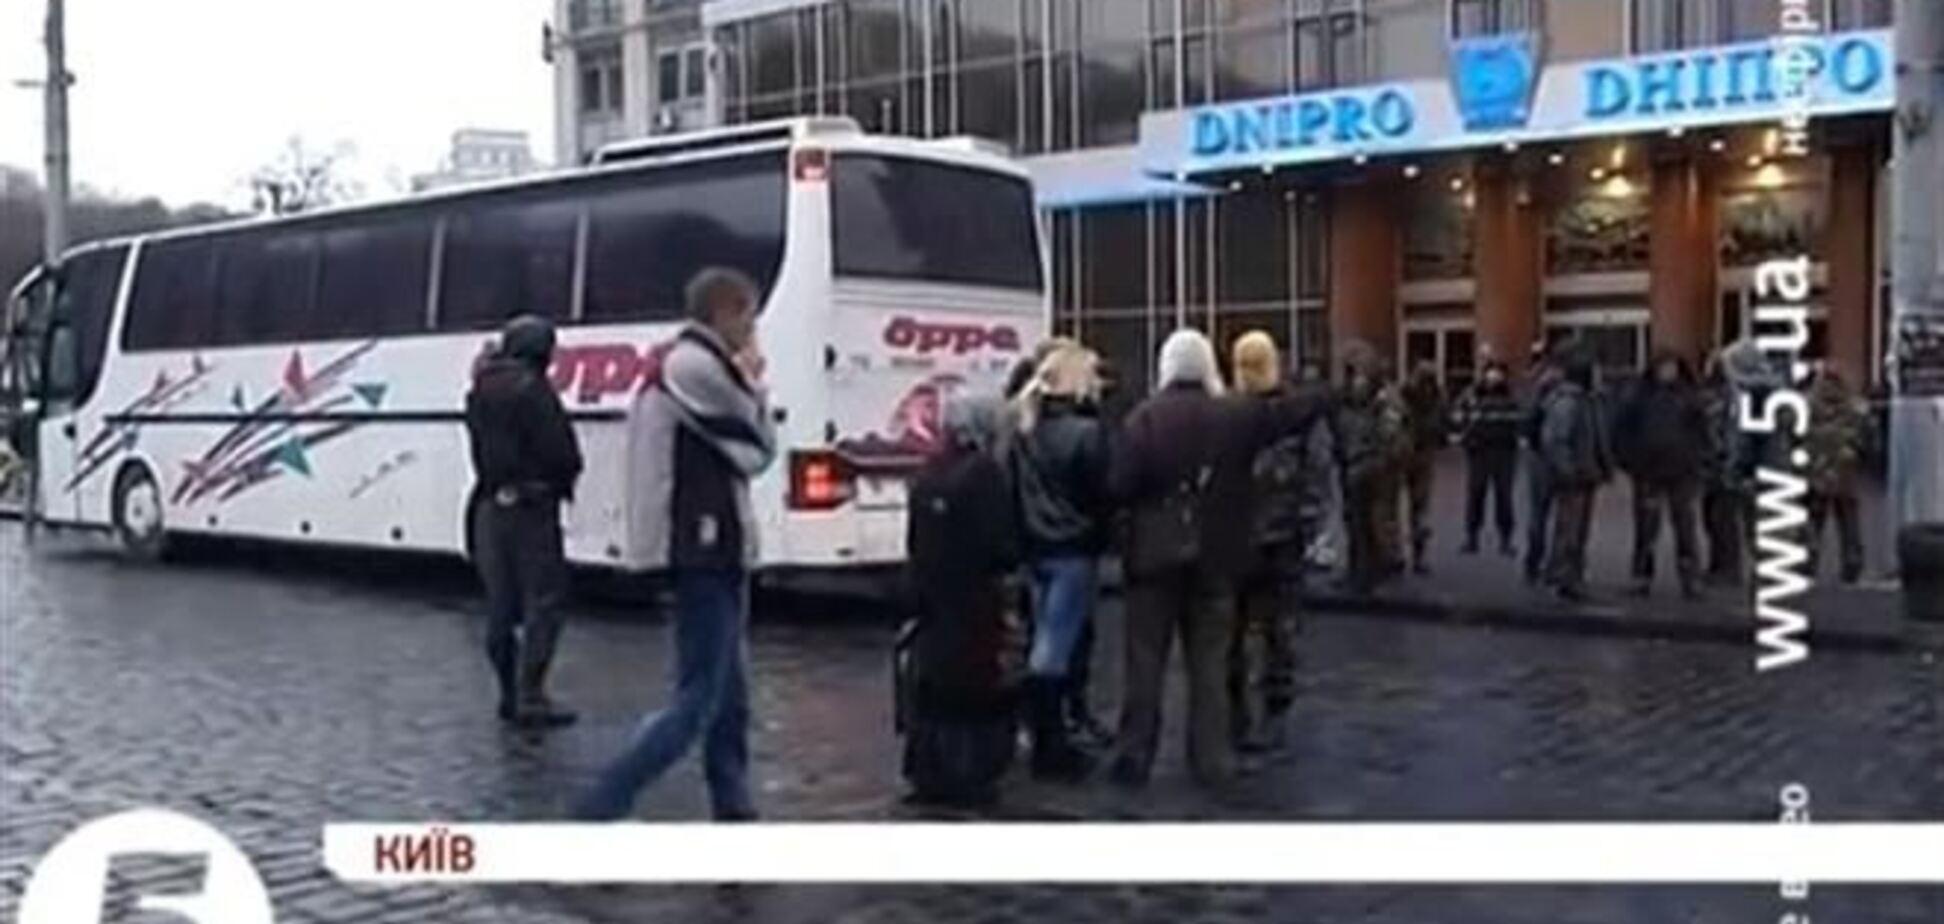 'Правый сектор' выехал из гостиницы 'Днепр' без оружия - Аваков